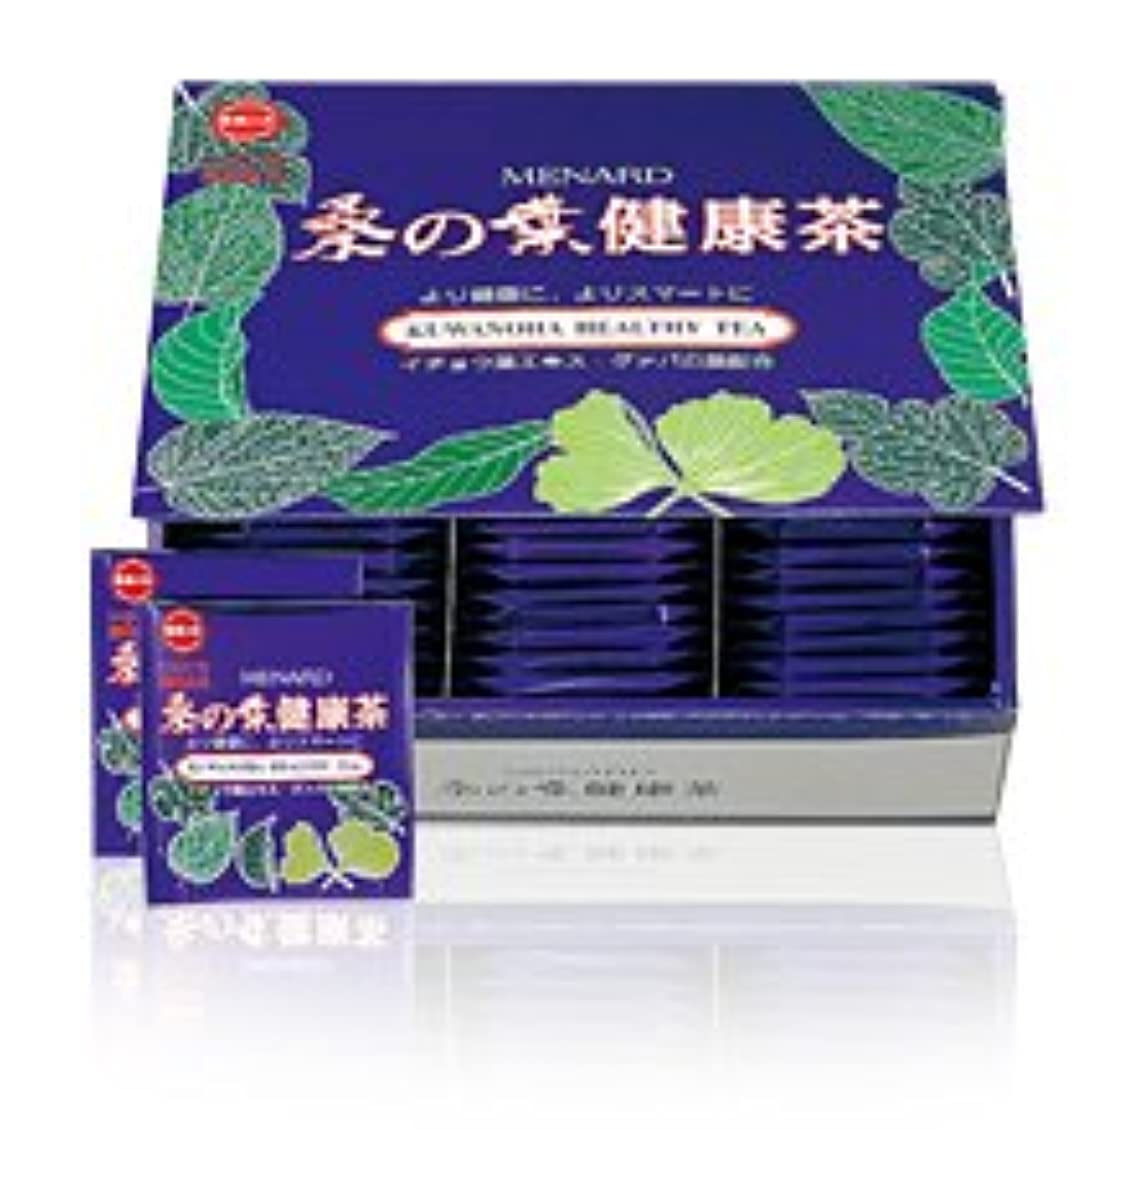 ロック解除無限手紙を書くメナード 桑の葉健康茶(75袋入) [並行輸入品]